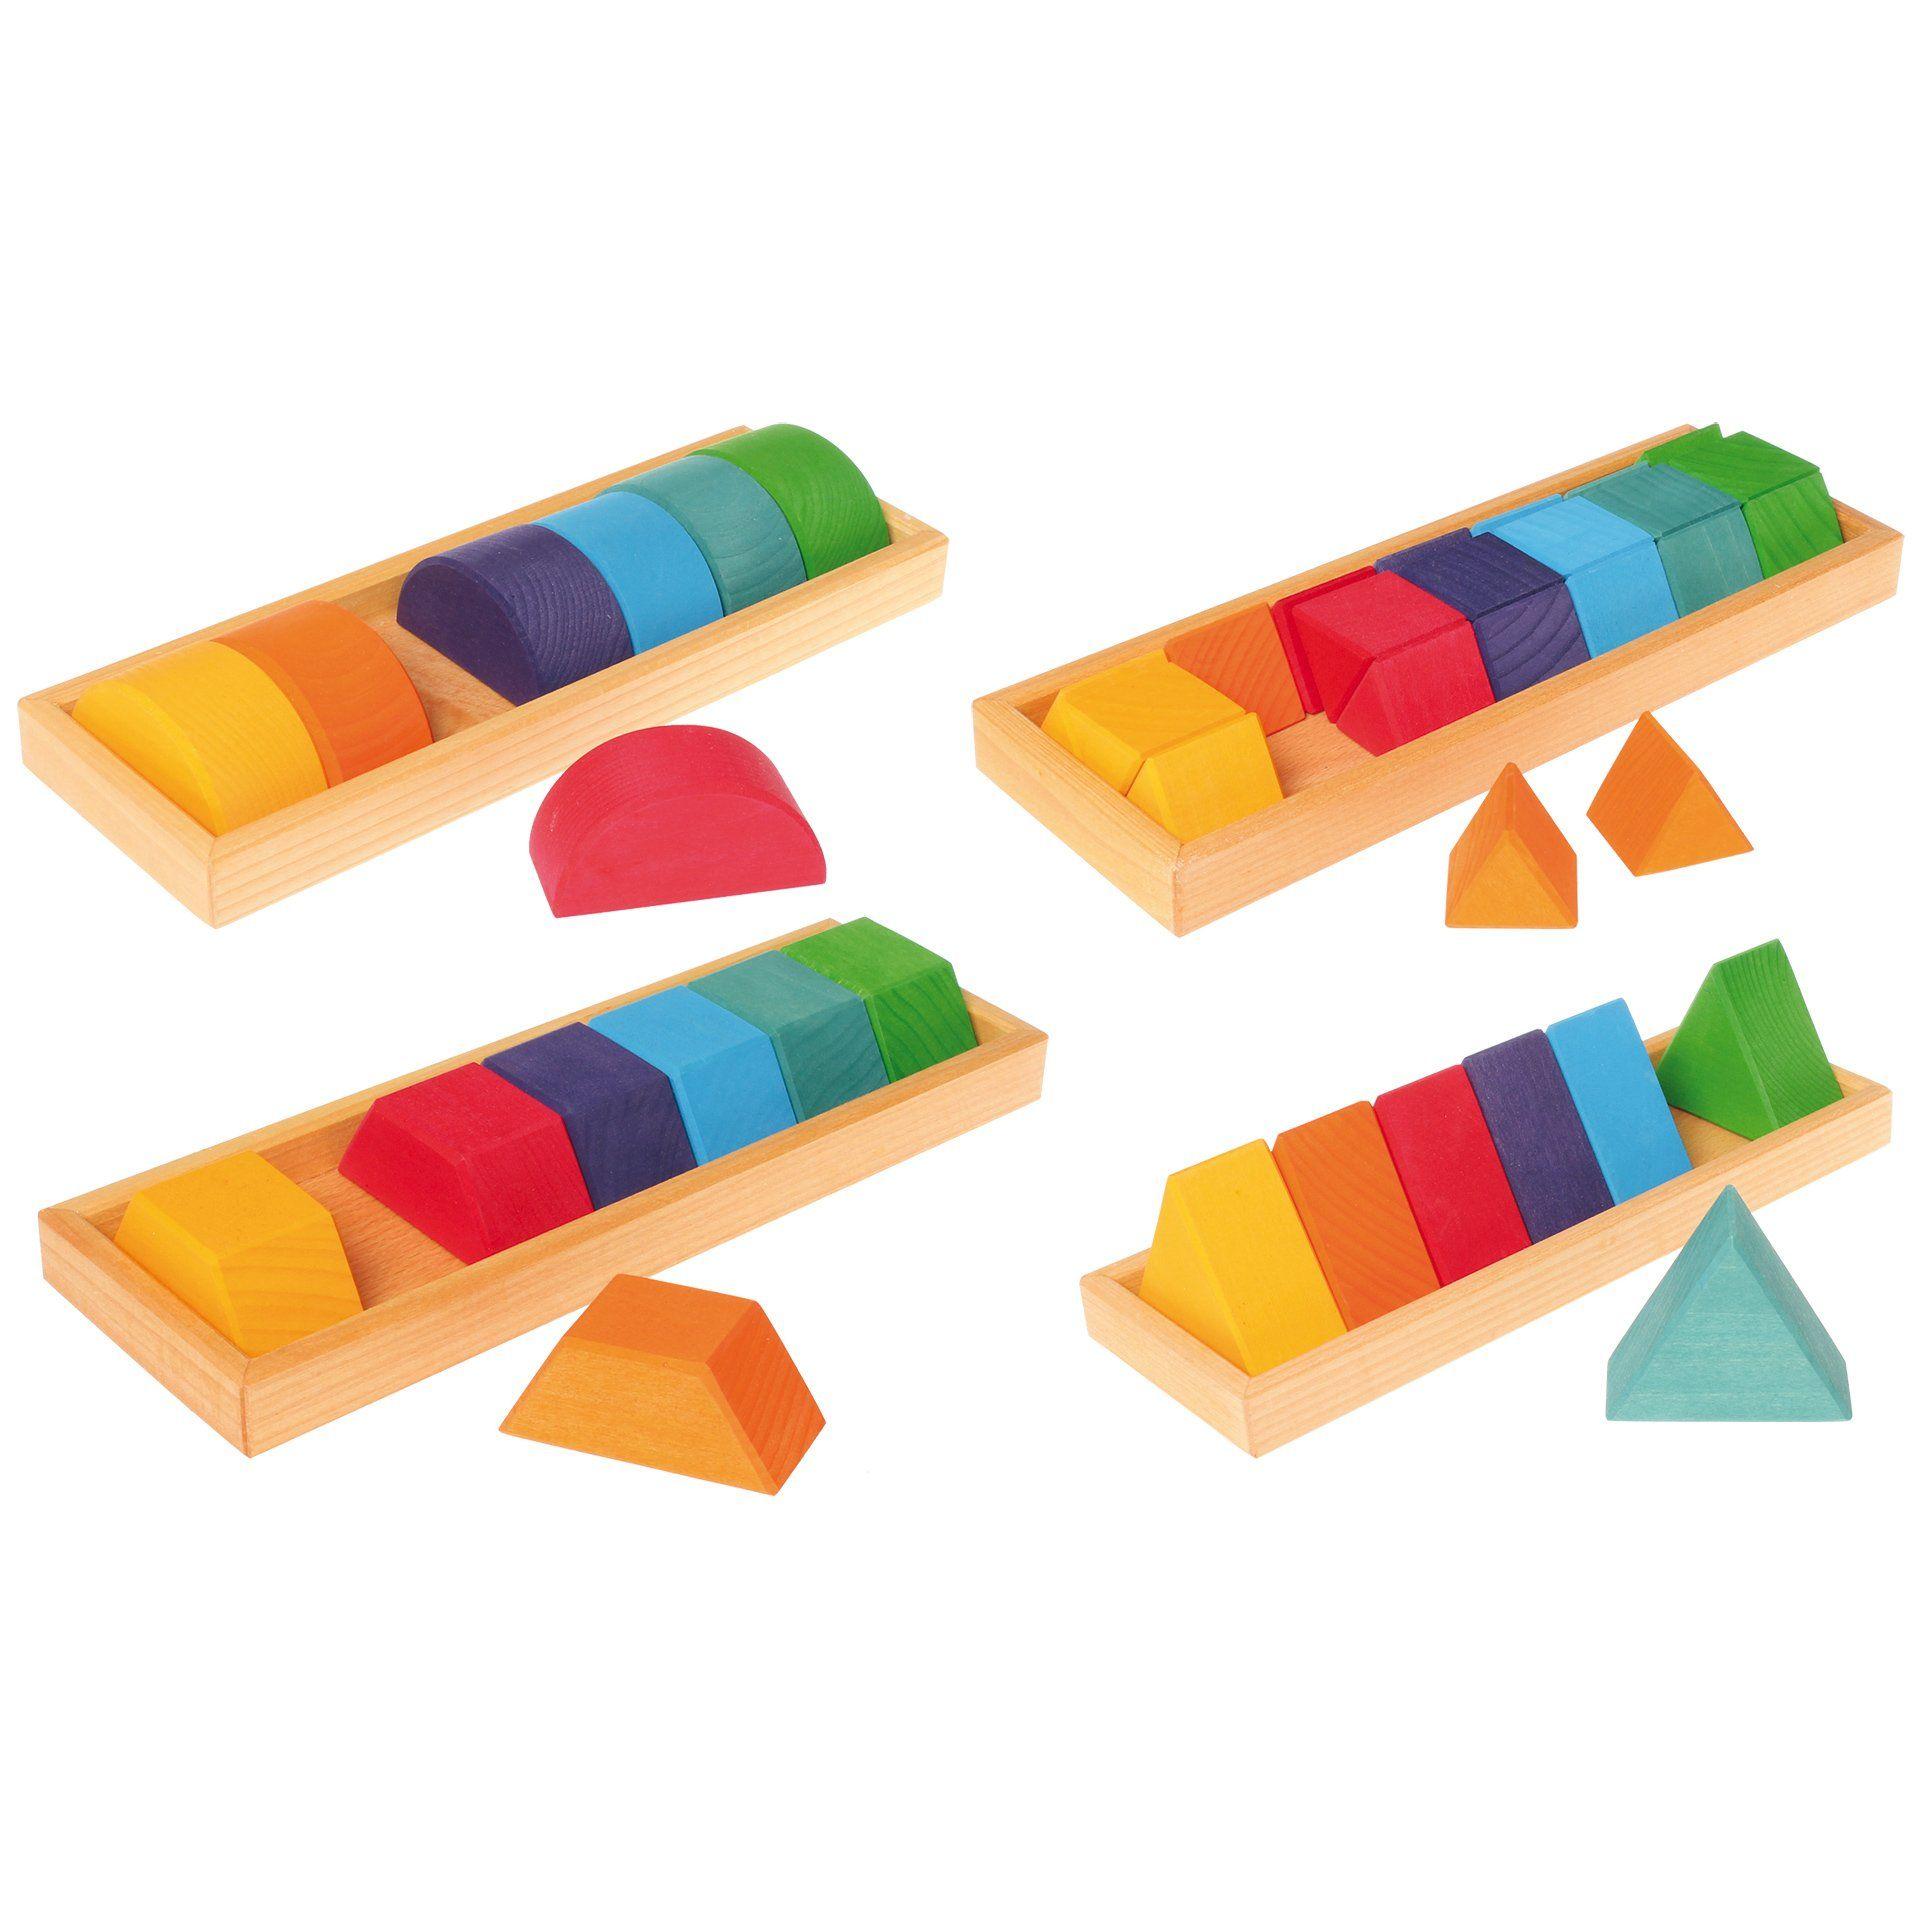 Grimm s Shapes & Colors Building Set Play